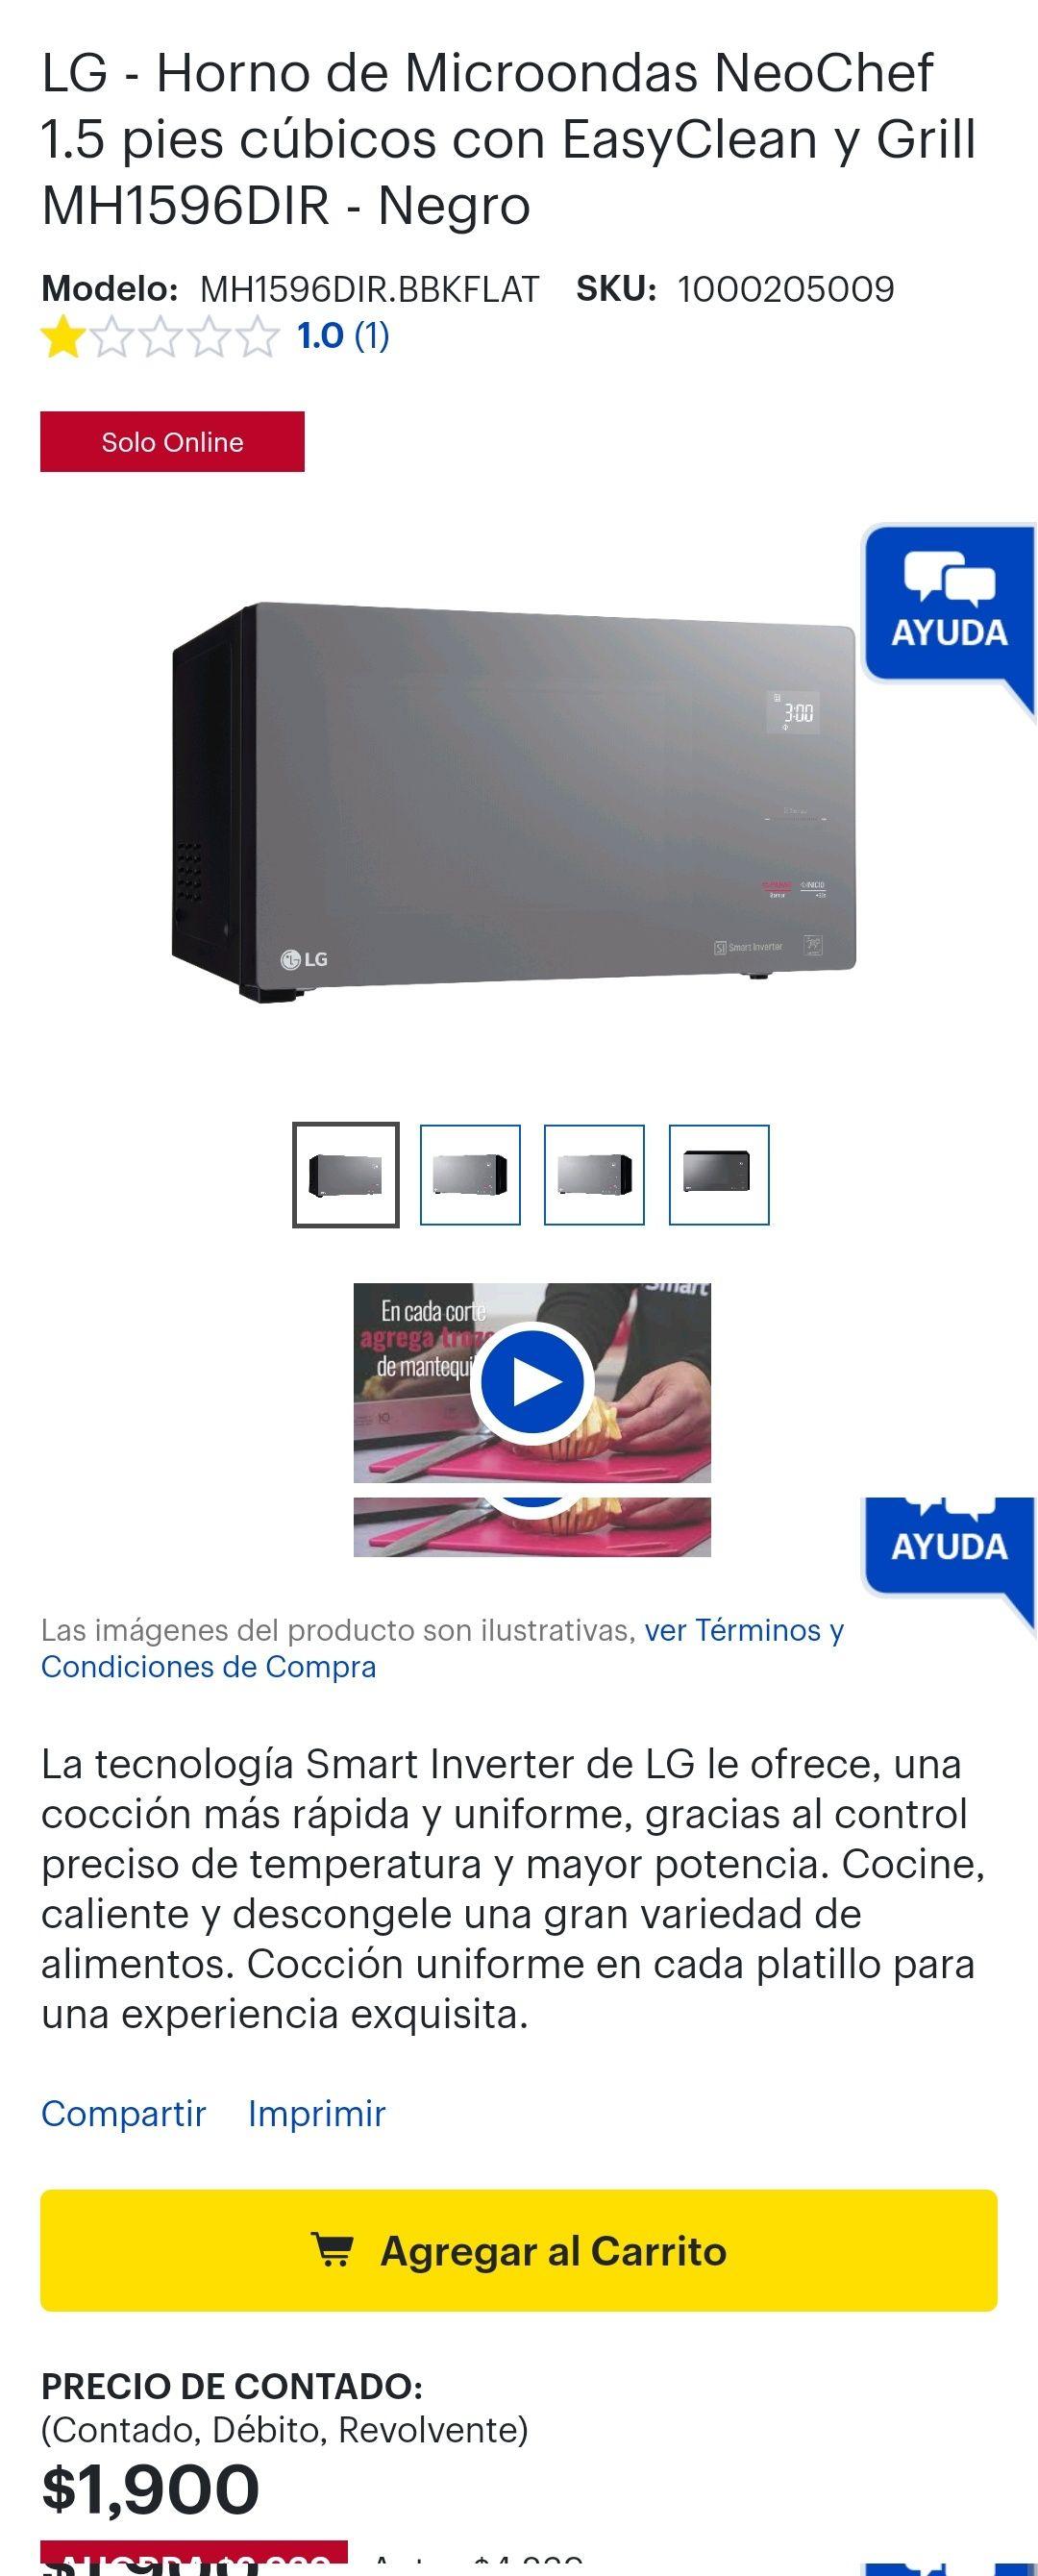 Best buy - LG - Horno de Microondas NeoChef 1.5 pies cúbicos con EasyClean y Grill